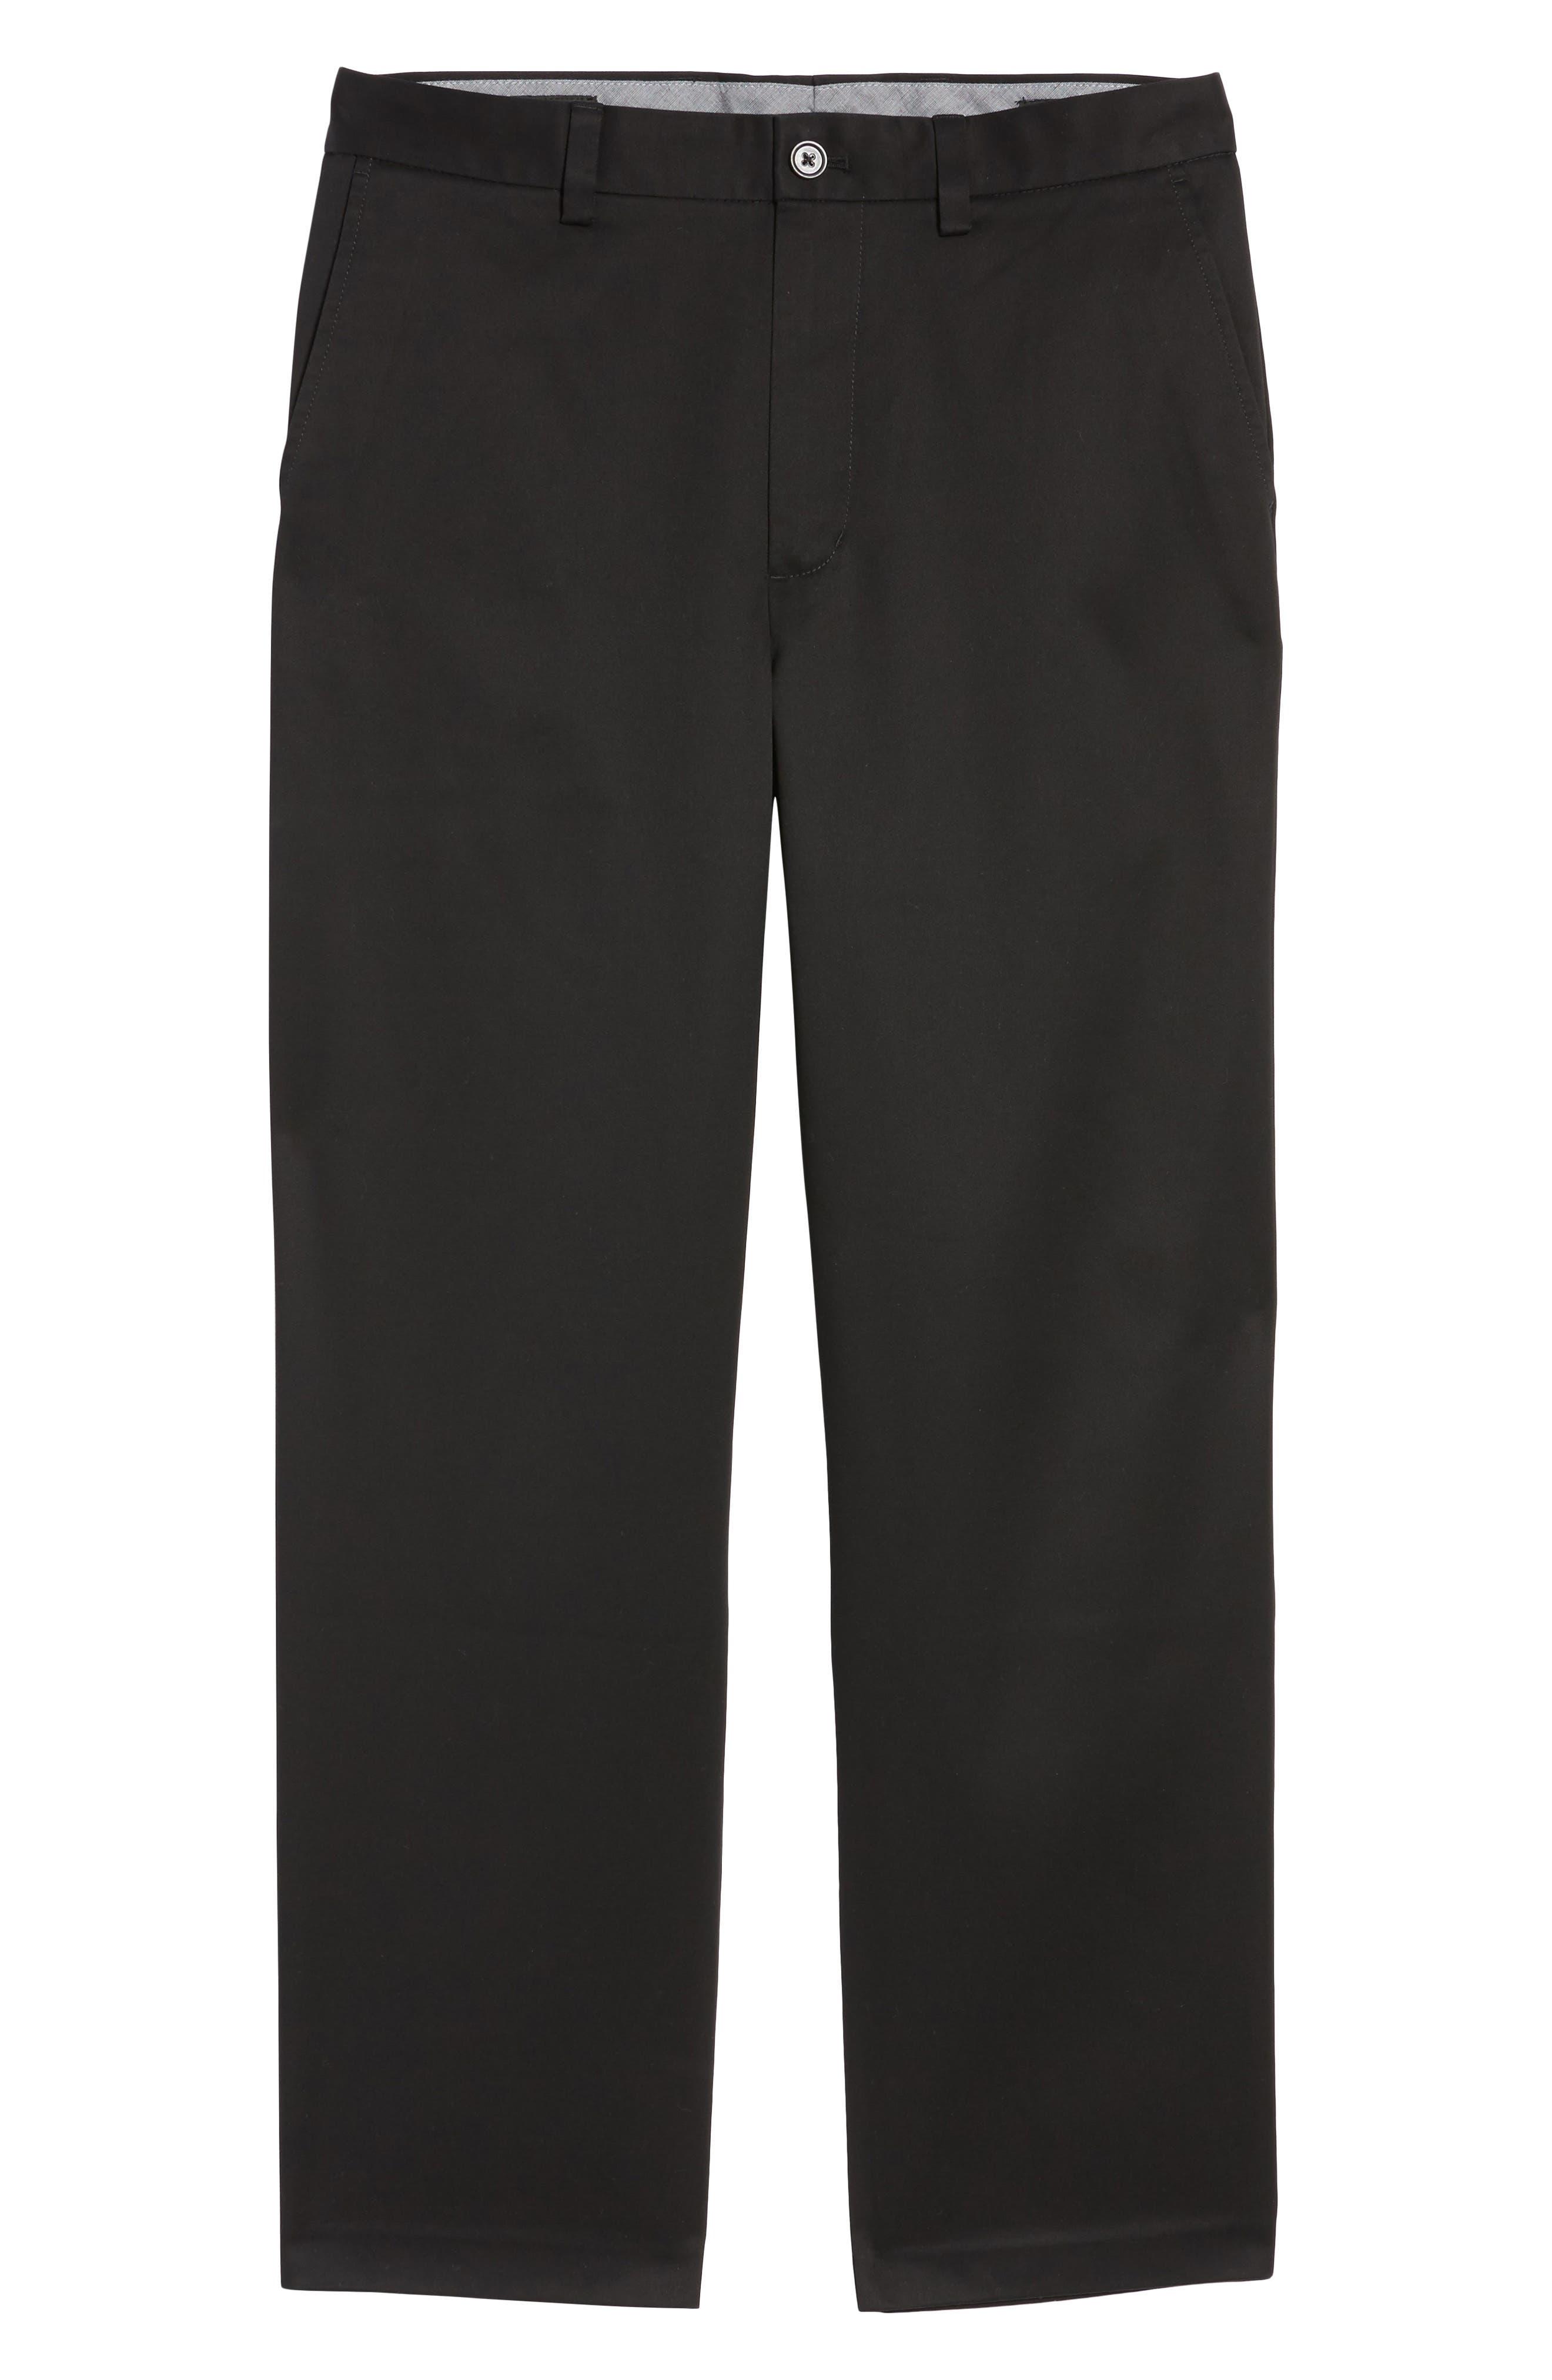 NORDSTROM MEN'S SHOP, 'Classic' Smartcare<sup>™</sup> Relaxed Fit Flat Front Cotton Pants, Main thumbnail 1, color, BLACK